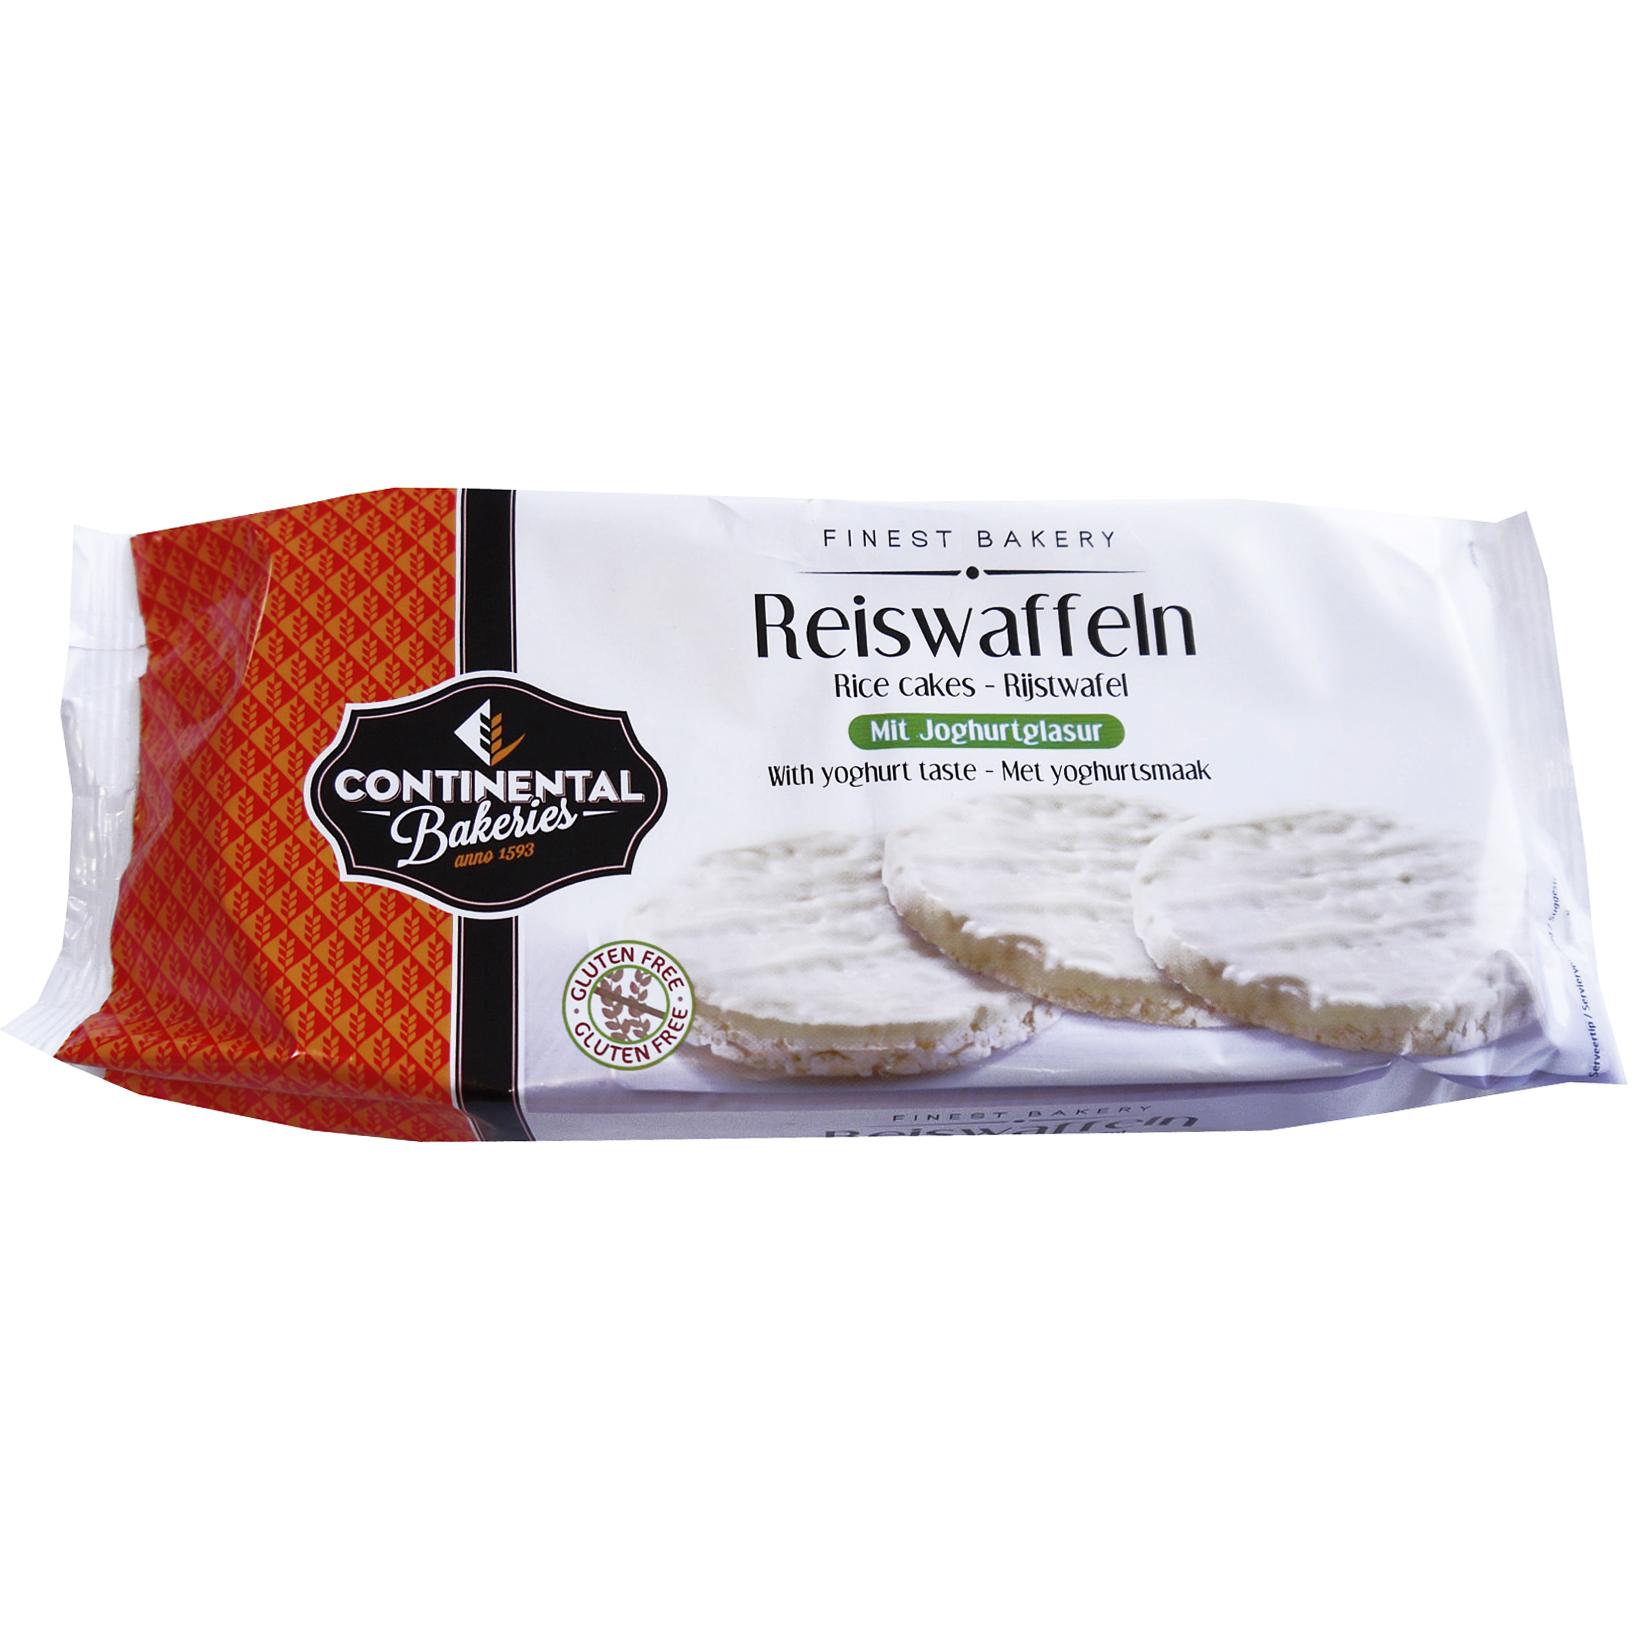 Continental Bakeries Reiswaffeln mit Joghurtglasur | Online kaufen ...